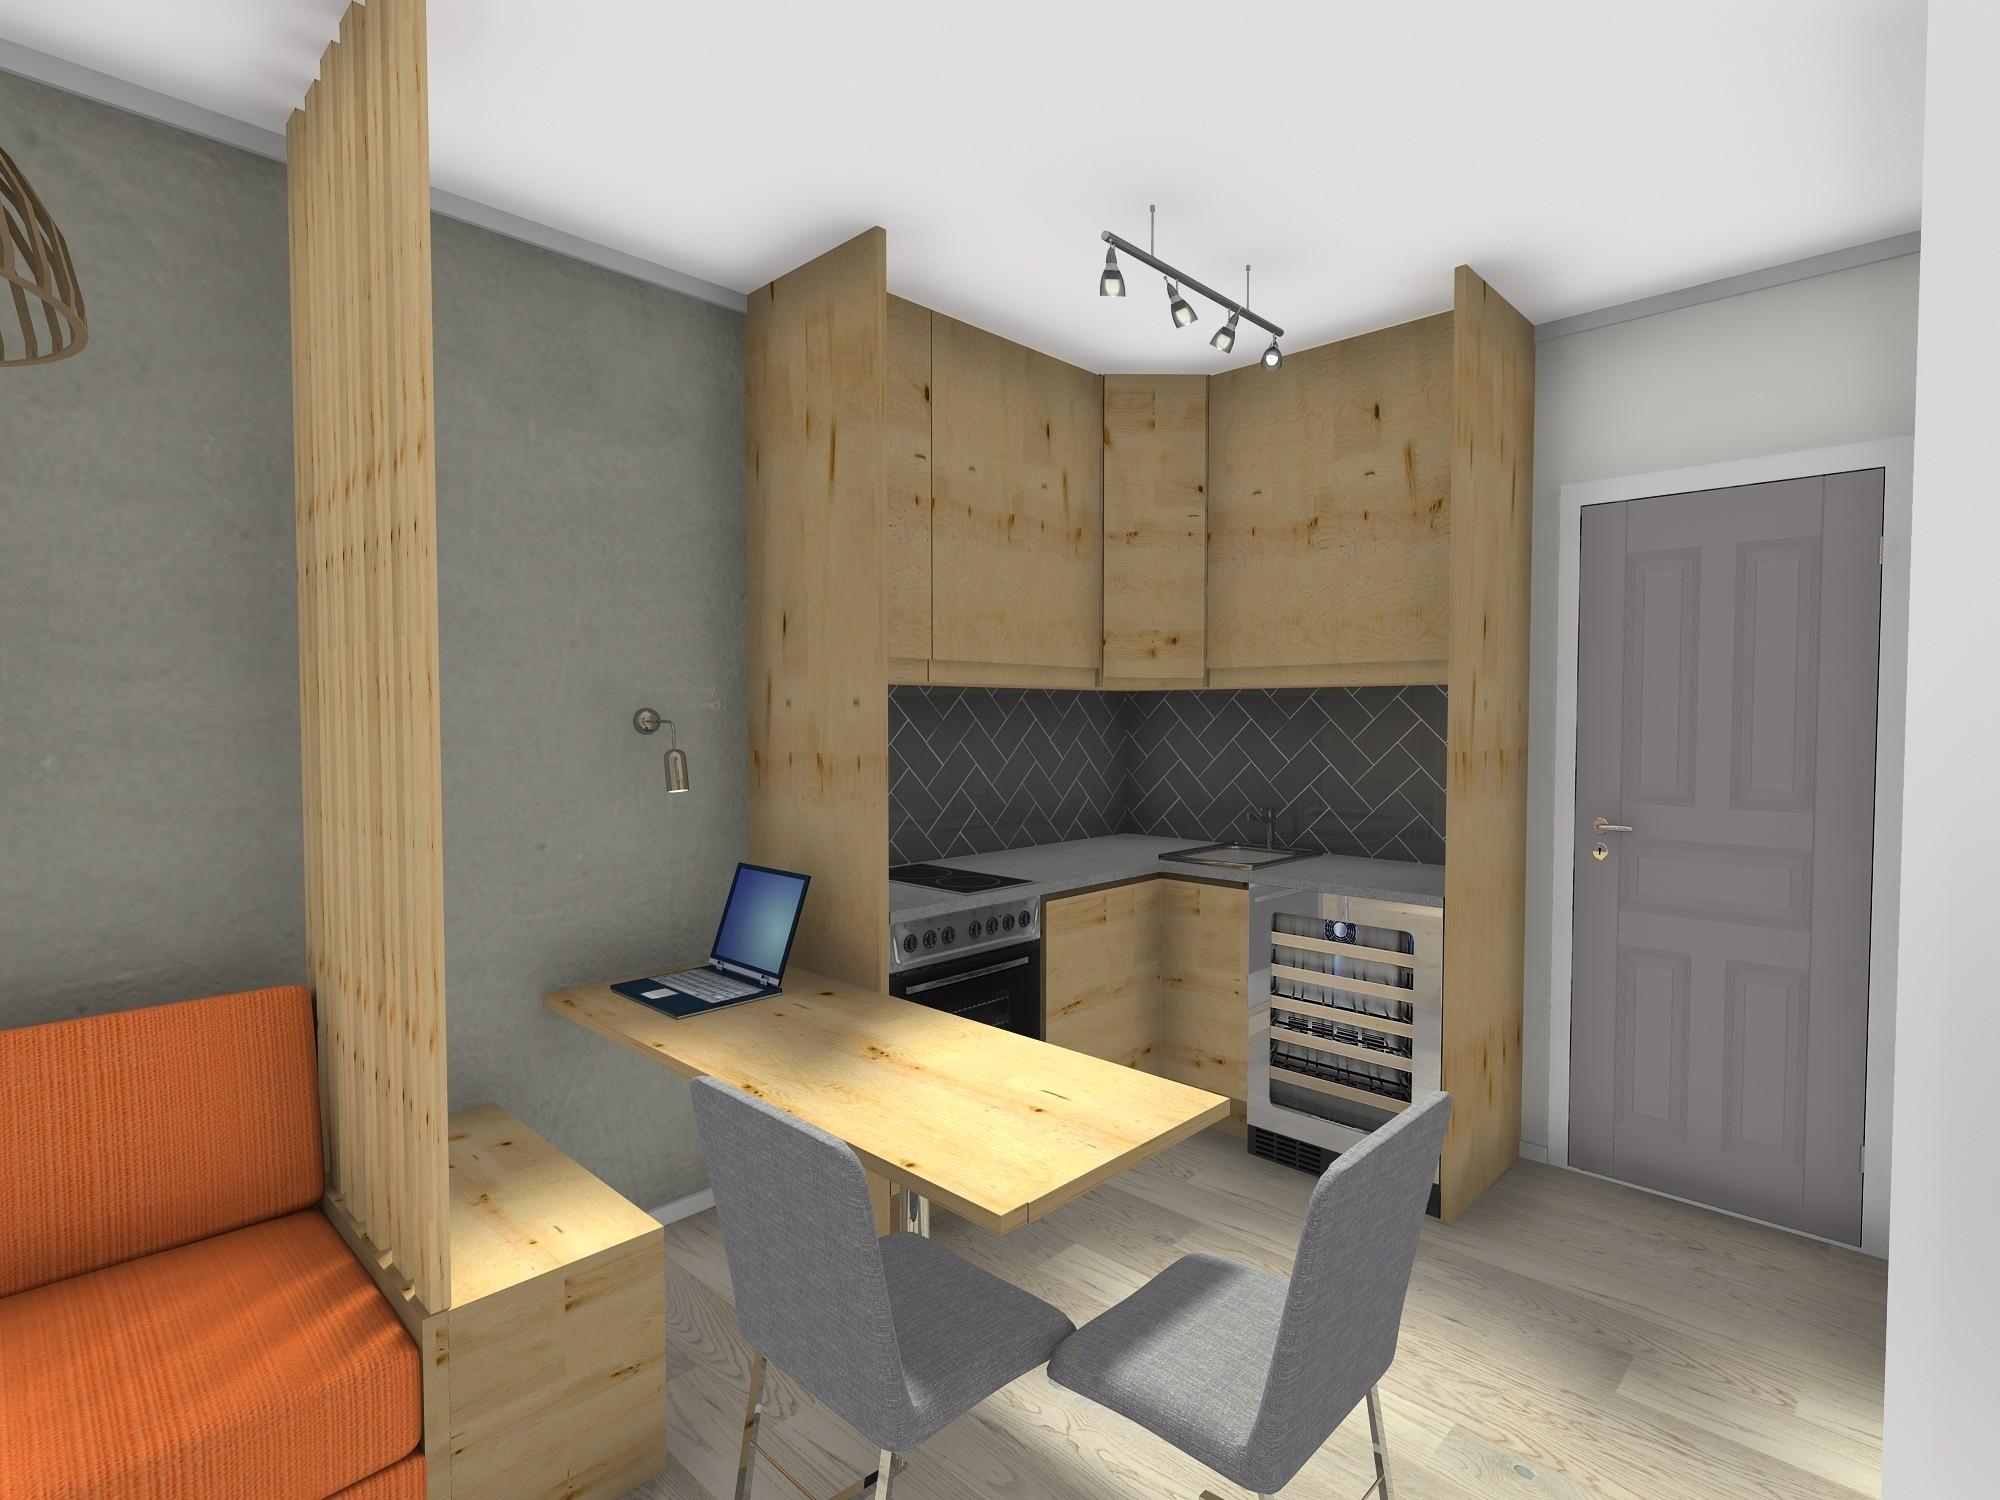 pregradni regal mikrostan 20 m2 kuhinja i blagovaonica